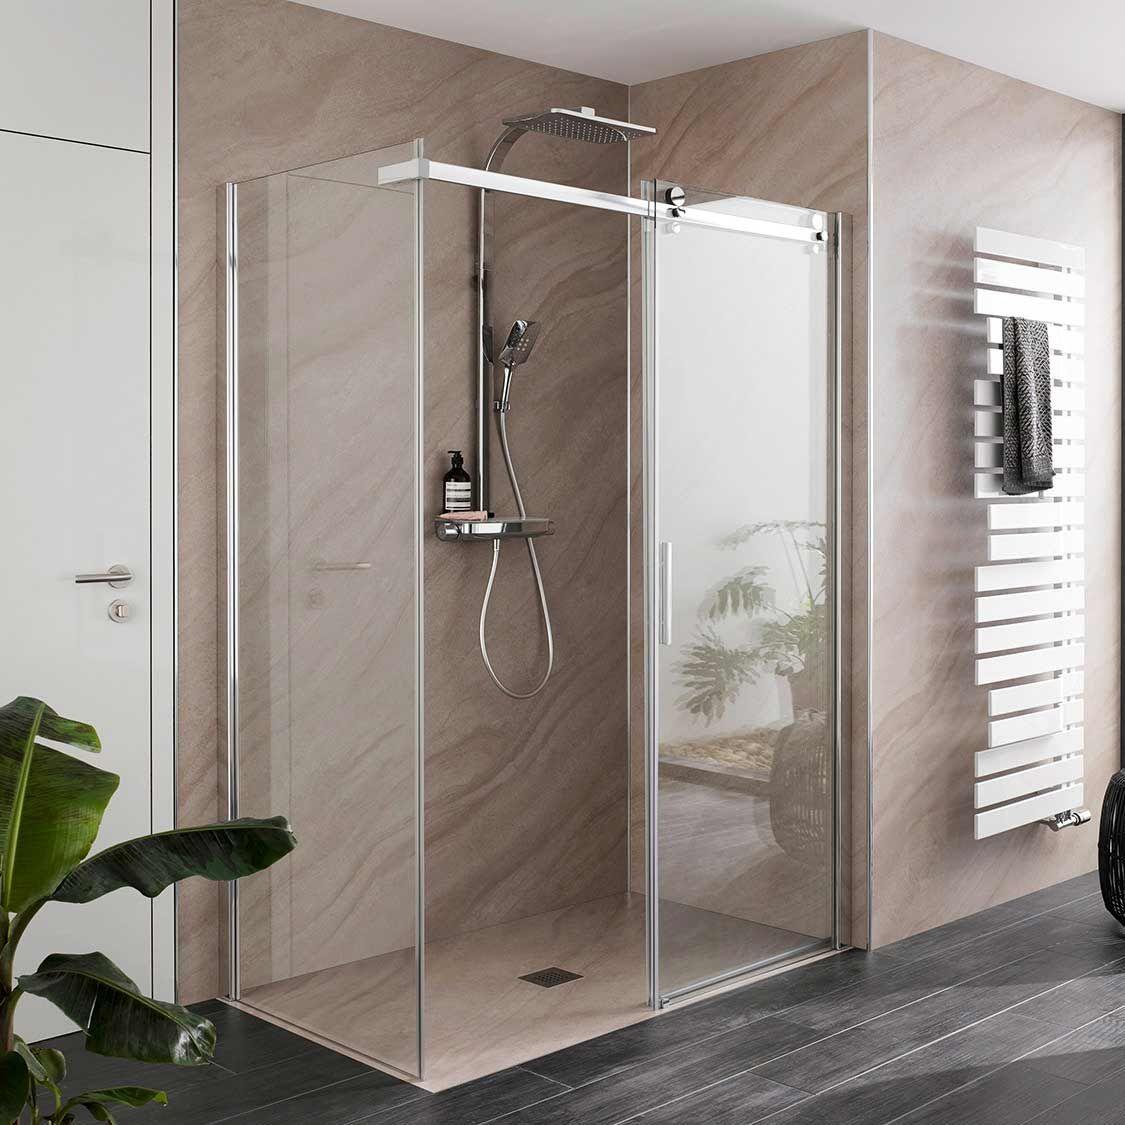 Schiebetur Dusche 12 Top Beispiele Fur Dusche Mit Gleittur System Dusche Schiebetur Schiebetur Dusche